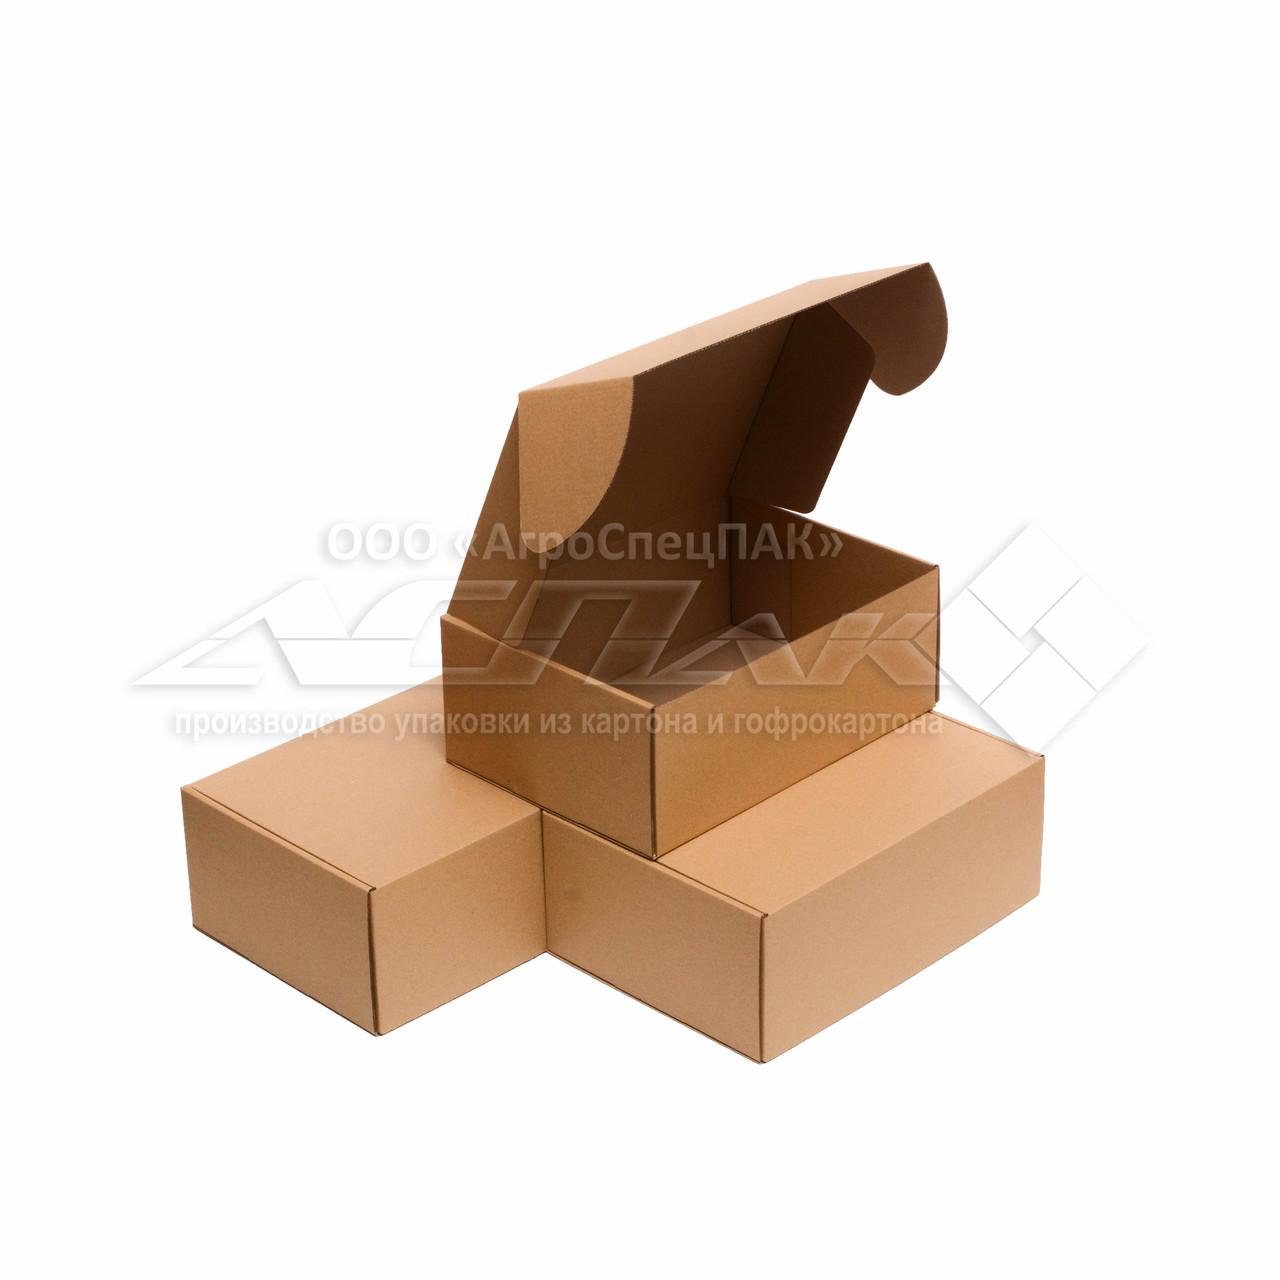 Картонные коробки самосборные 310*220*120 бурые